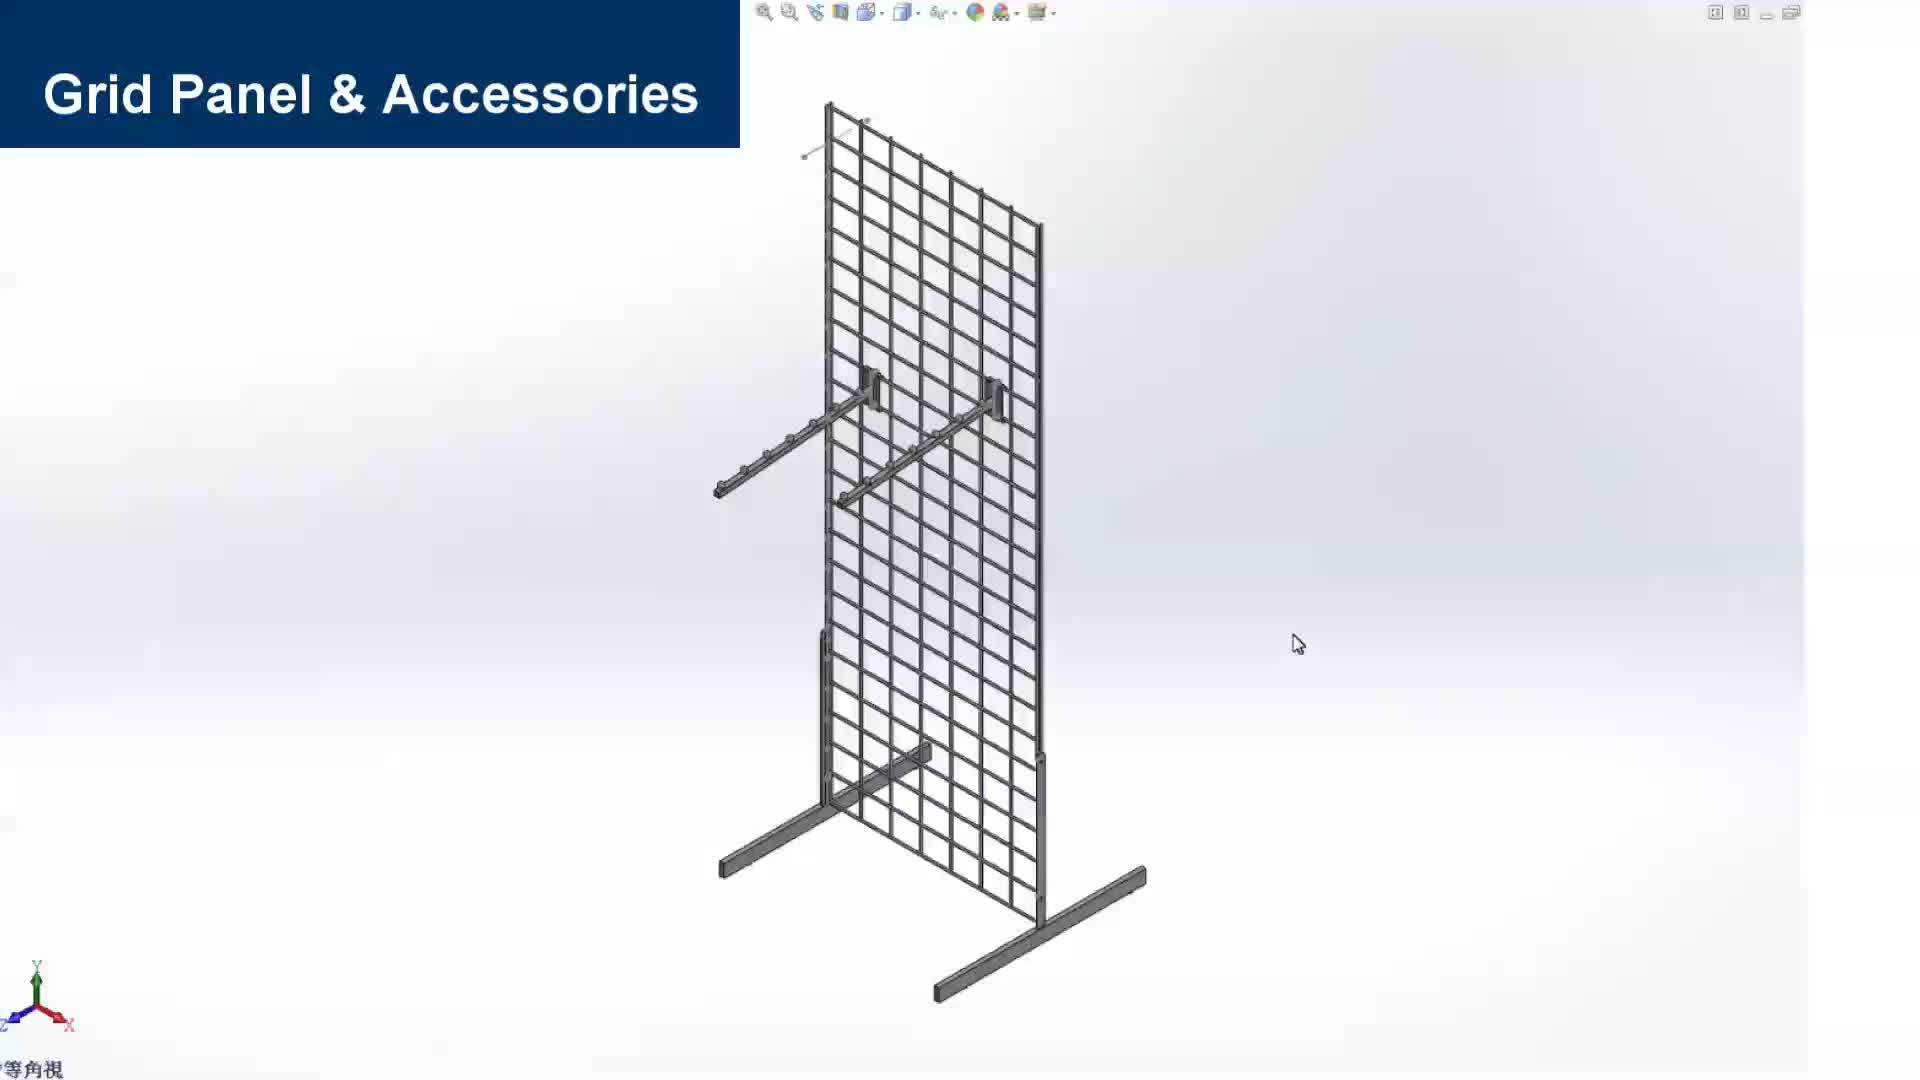 ลวดโลหะ ball ผู้ถือจอแสดงผลสำหรับ slat grid panel